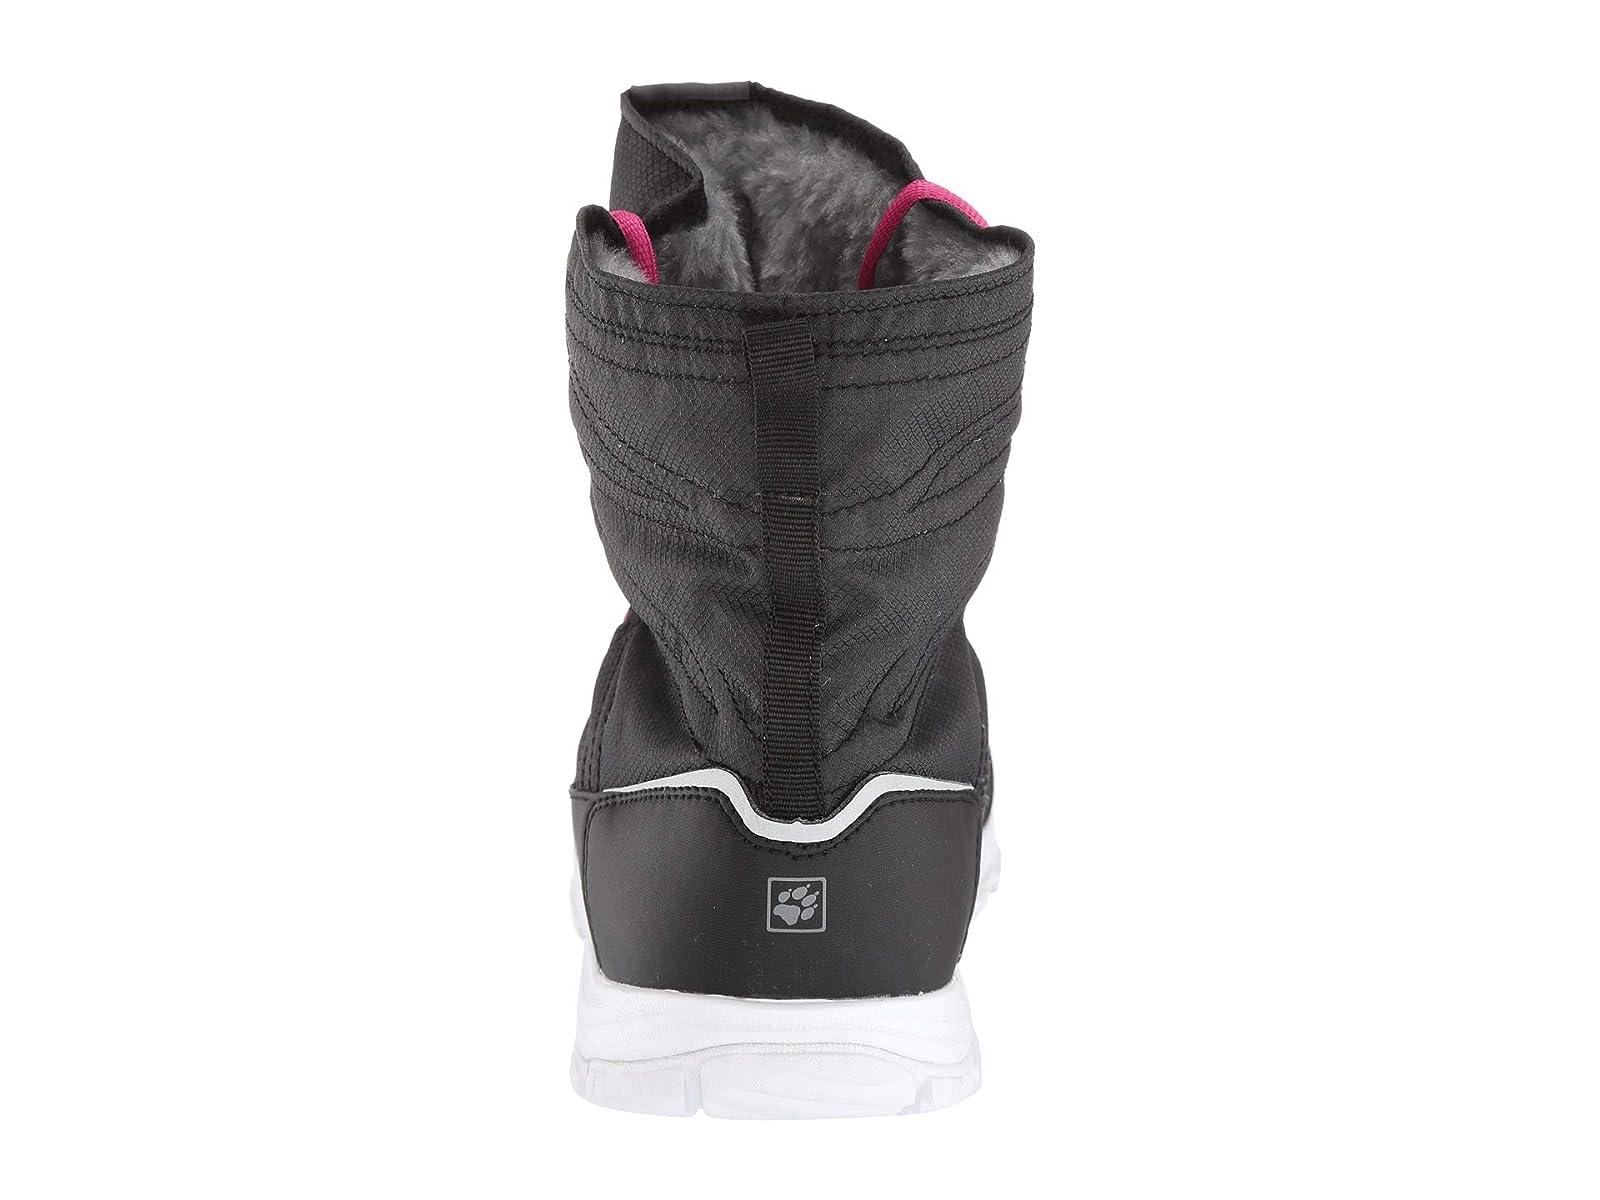 hommes / femmes: jack wolfskin enfants portland boot (bébé enfant / enfant (bébé / enfant): prix fou 9c2bc2